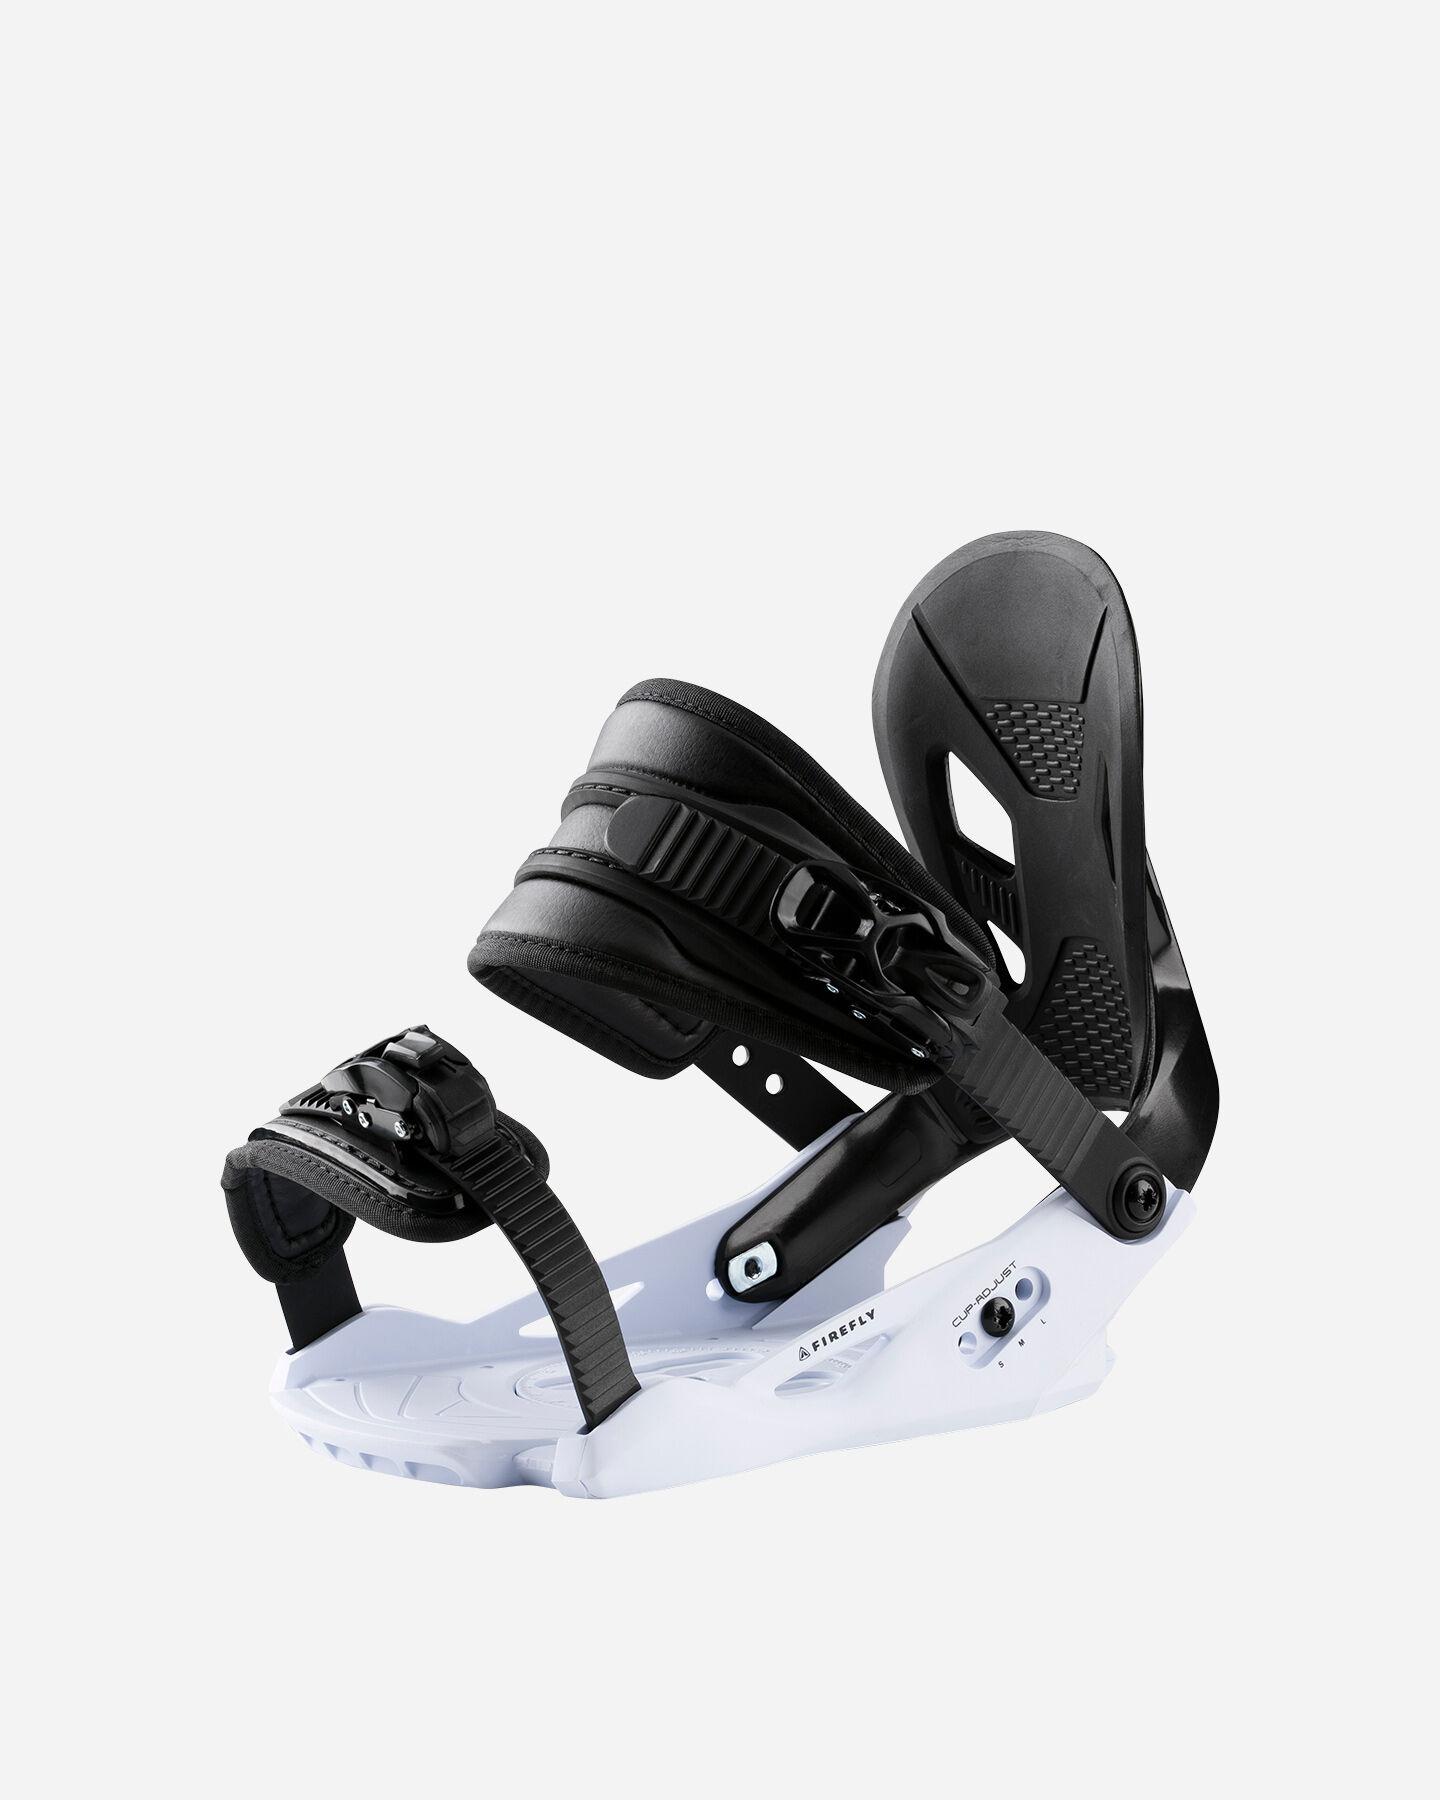 Attacchi snowboard FIREFLY C2 S2001977|900|L scatto 2